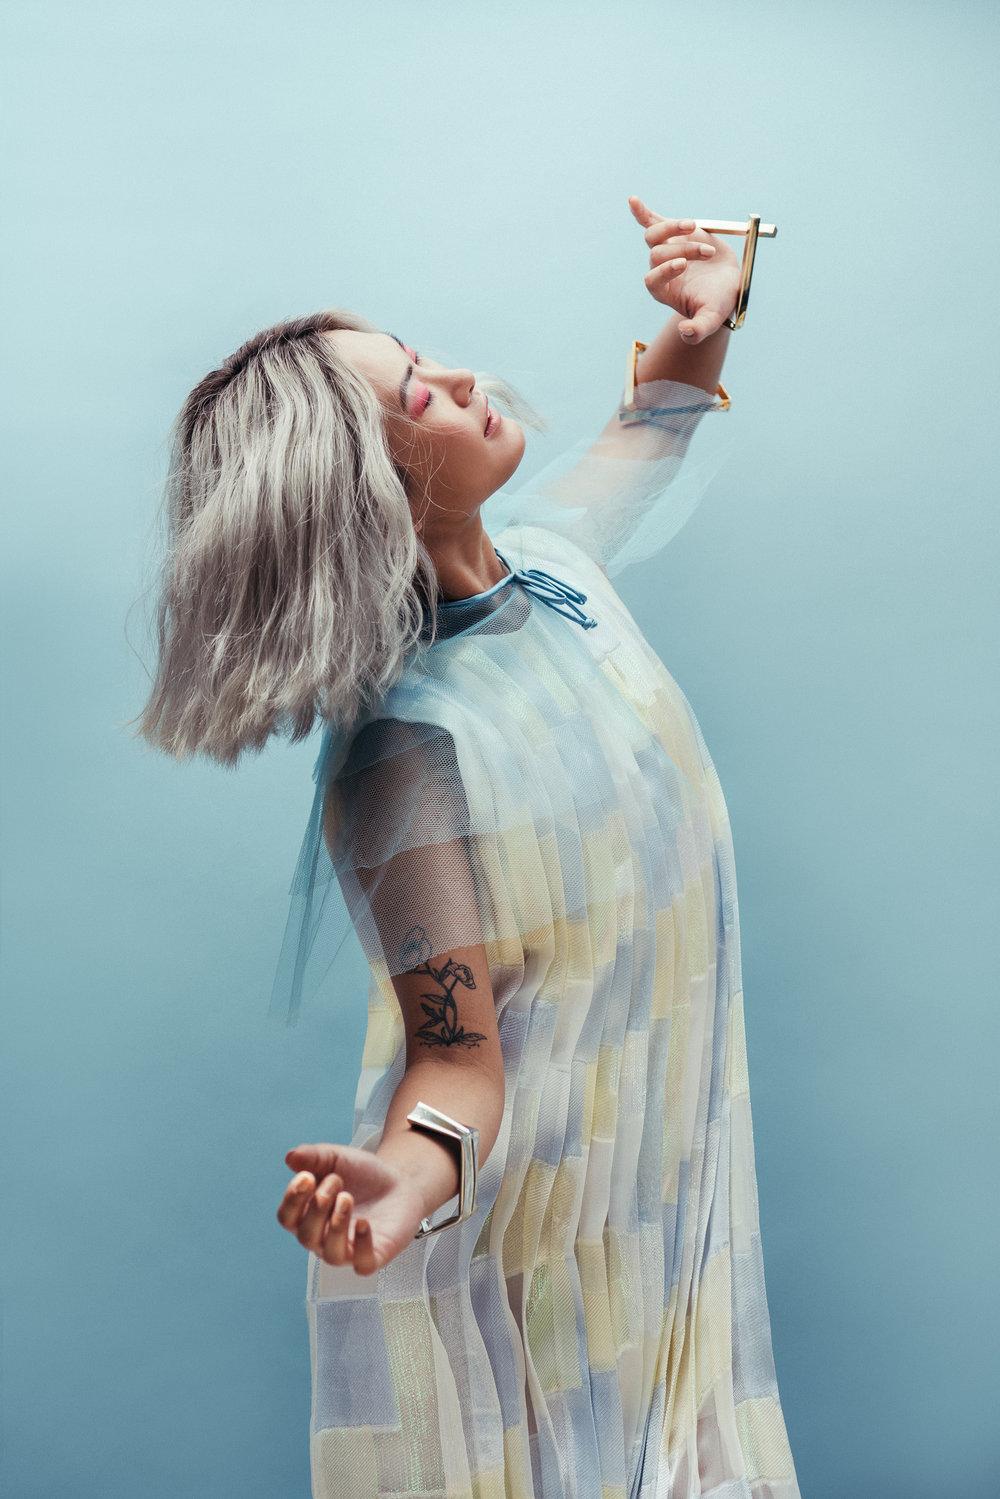 Augusta_Sagnelli_fashion_editorial-7.jpg